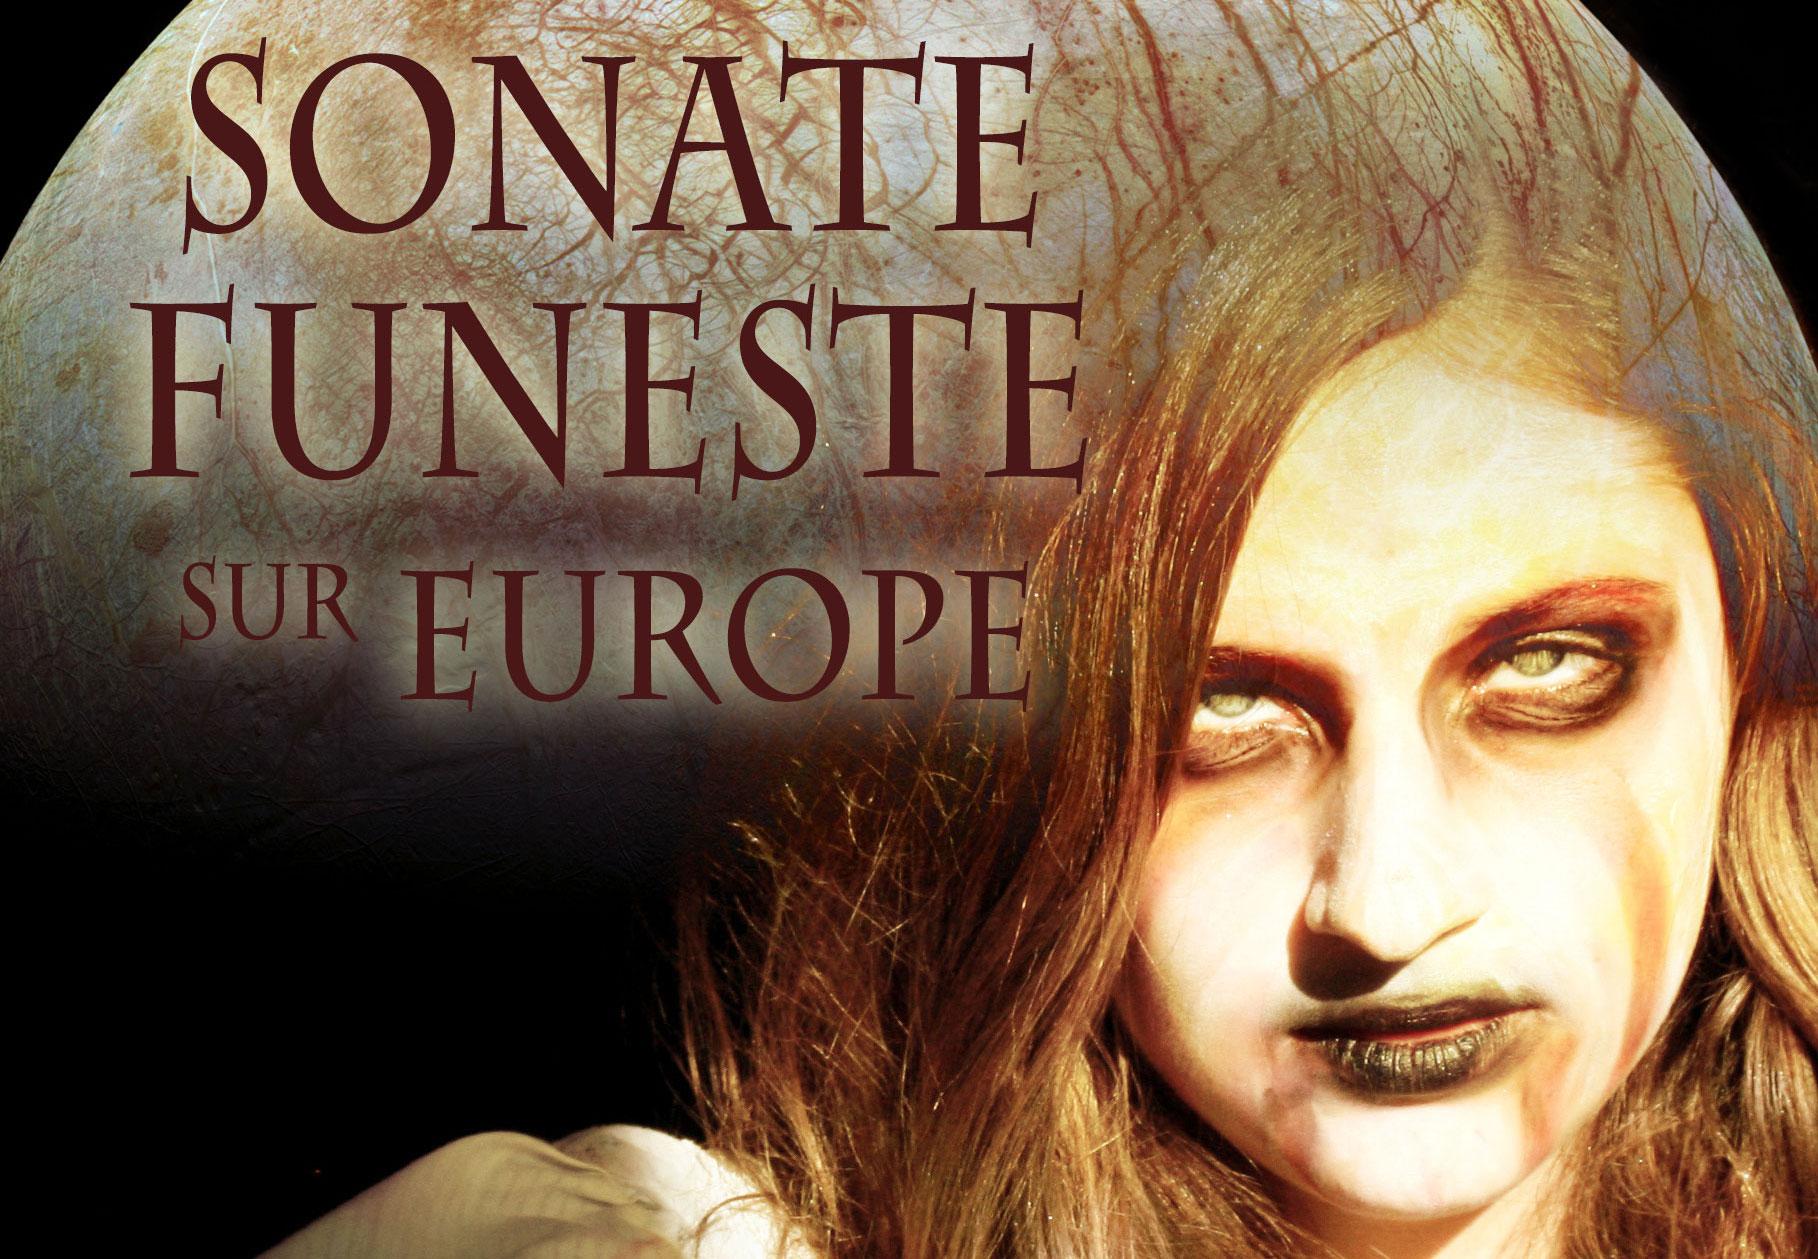 Sonate funeste sur Europe, un nouveau roman en bêta-lecture sur Wattpad